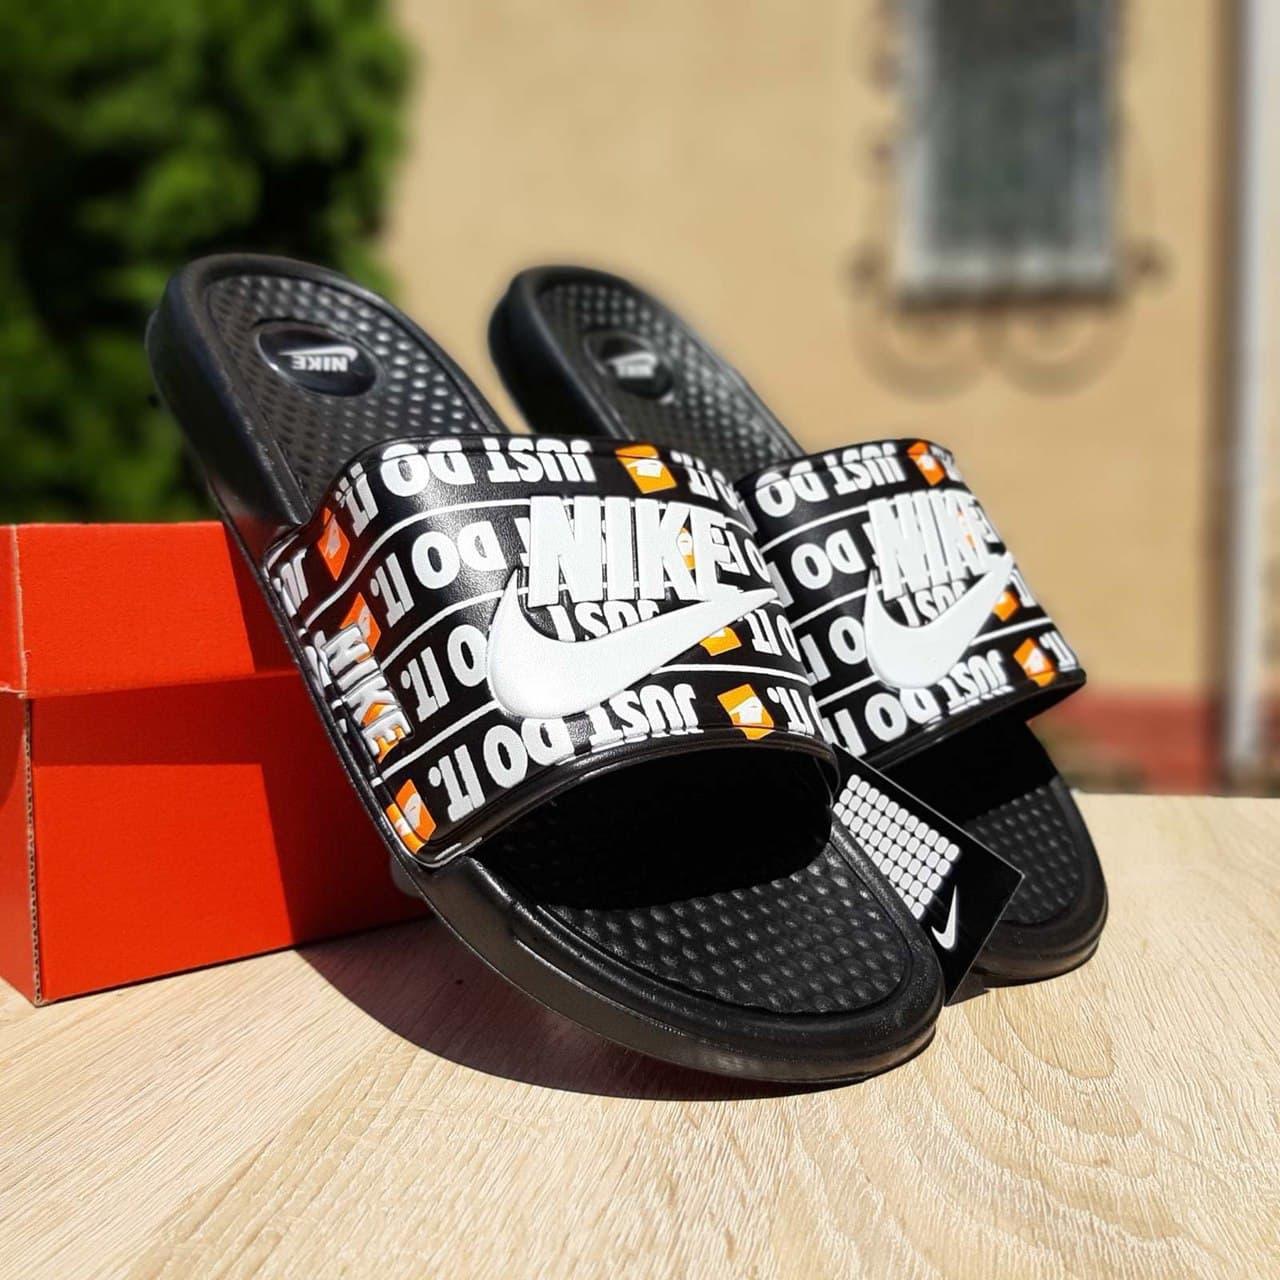 Мужские шлепки Nike Just Do IT (черные с белым) О40020 модные массажные удобные тапочки